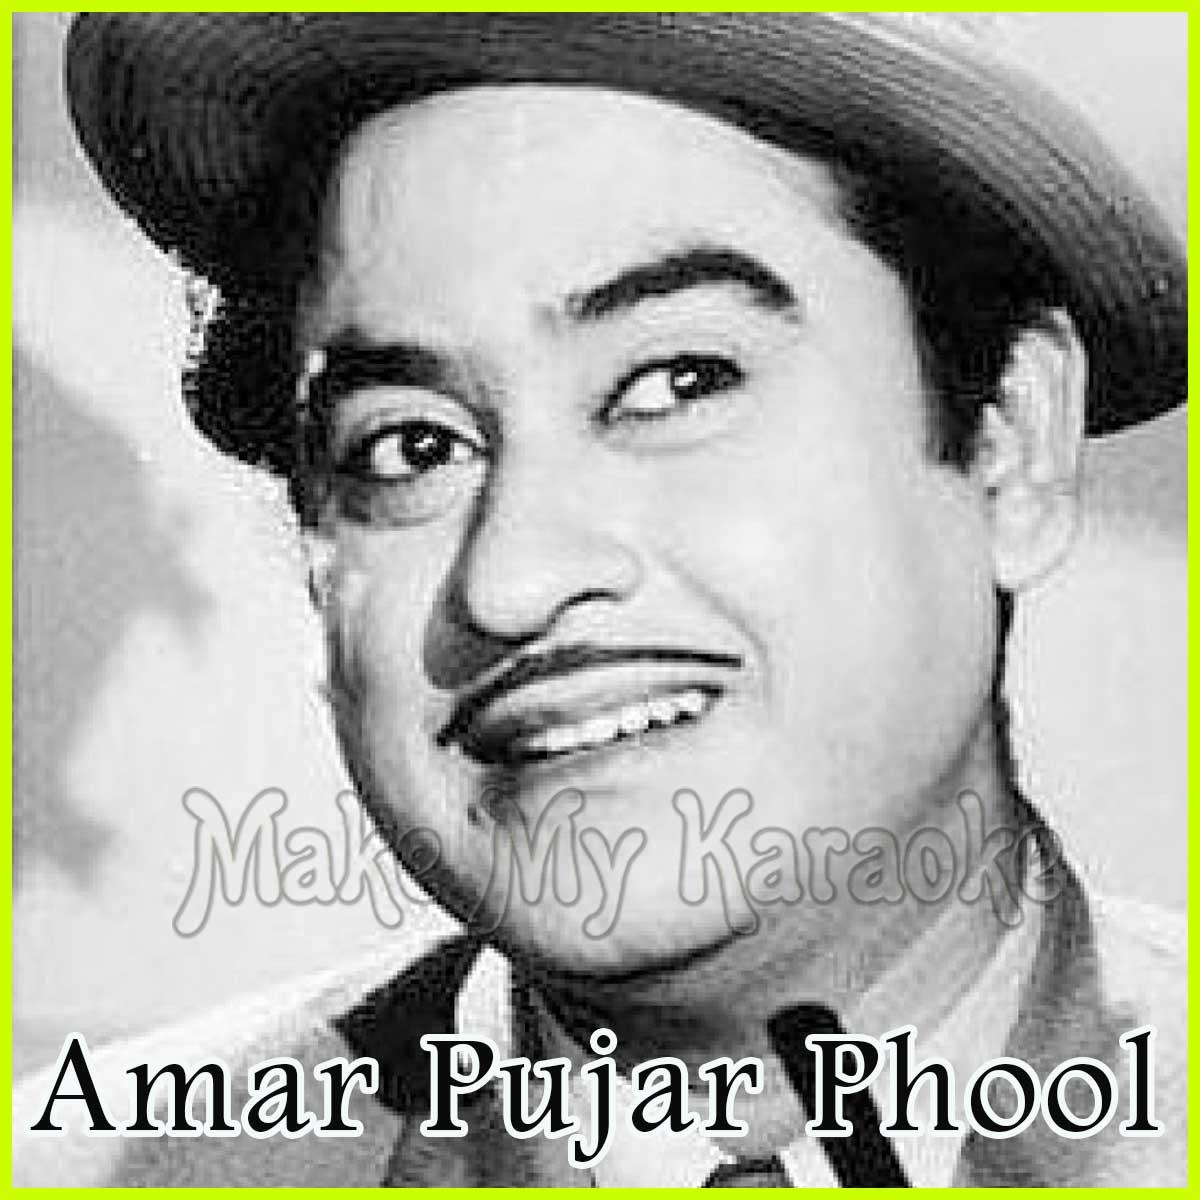 Kishore Kumar - Karaoke Sing Along Kishore Kumar Vol 1 - Music